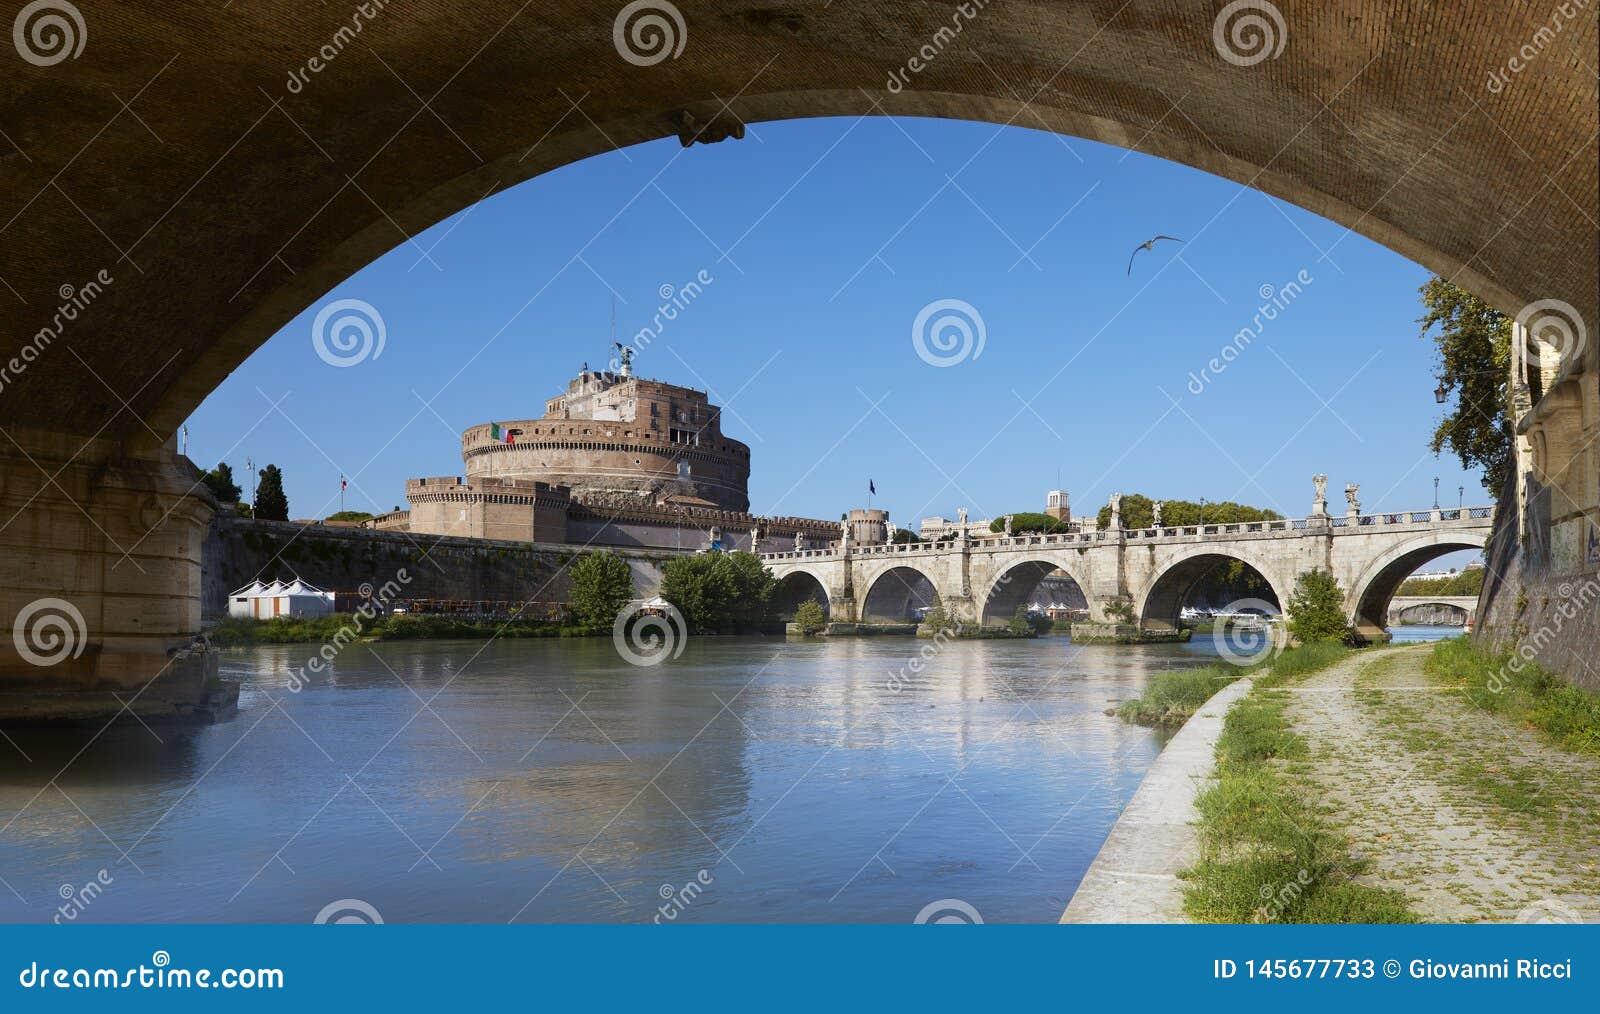 Roma, vista do mausoléu de Hadrian, conhecido como Castel Sant 'Angelo